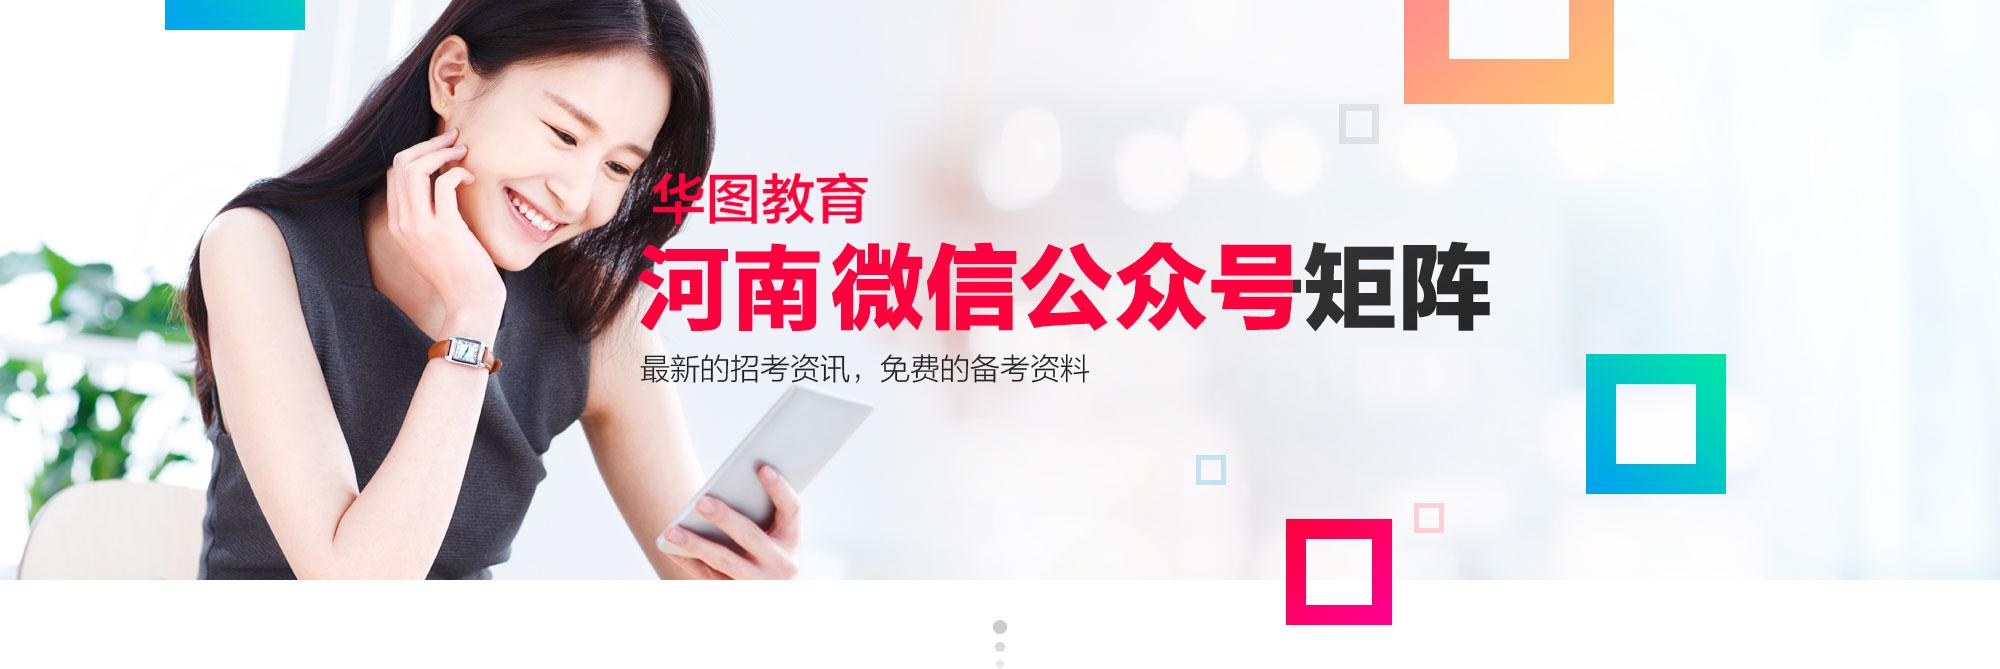 河南华图教育各地市微信号咨询